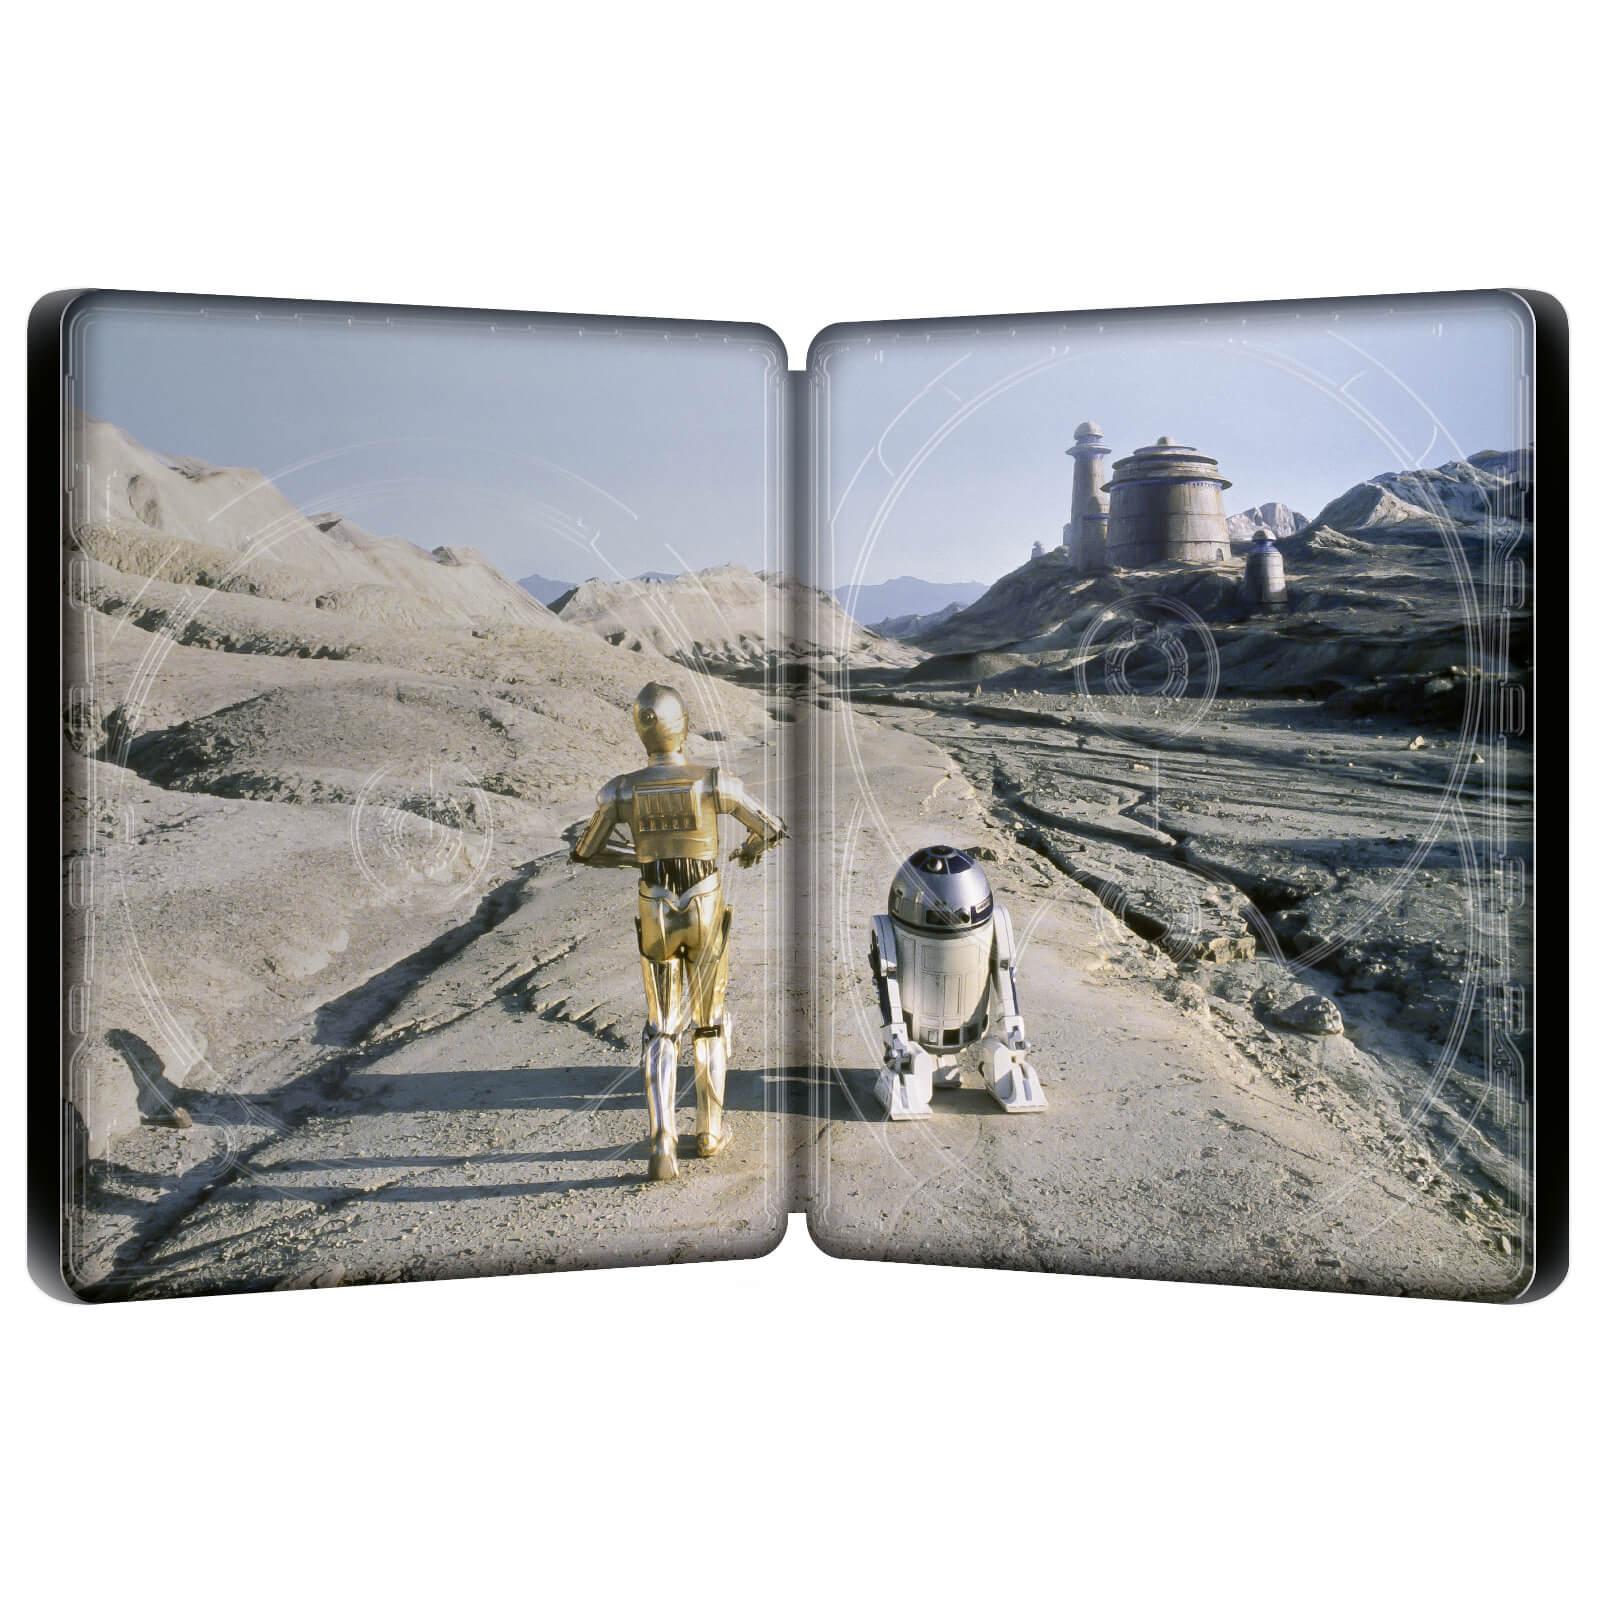 スター・ウォーズ エピソード6/ジェダイの帰還 スチールブック Star Wars: Episode VI - Return of the Jedi Zavvi steelbook